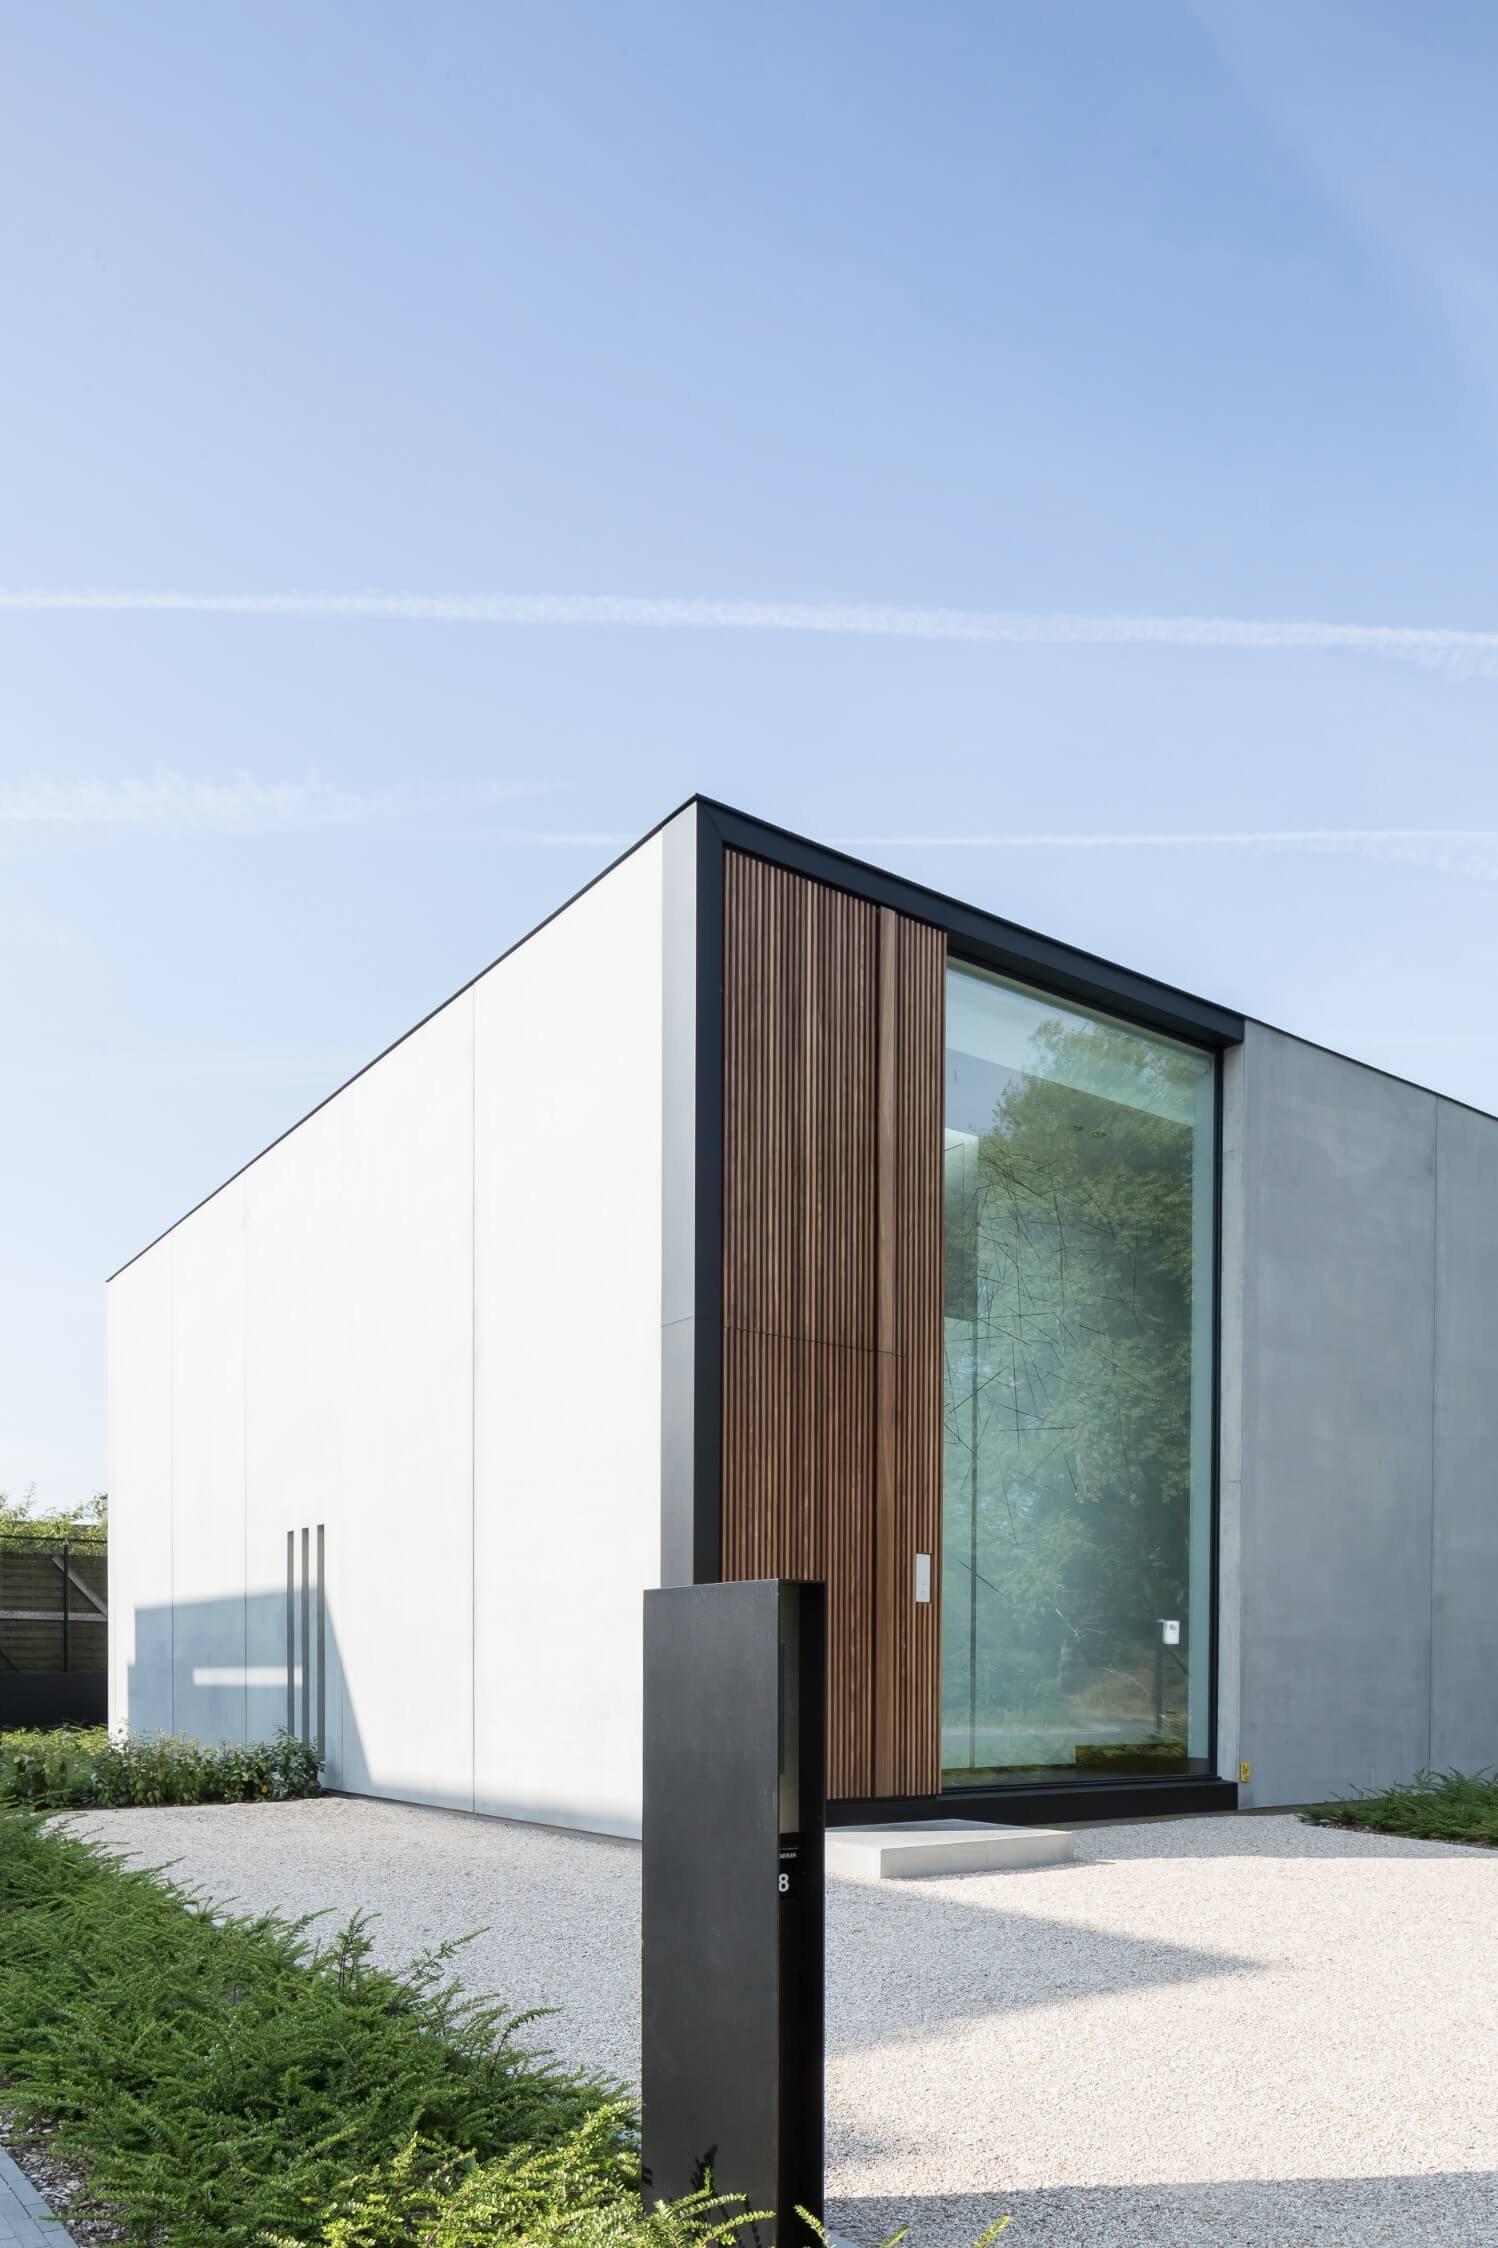 Rietveldprojects.be-HouseMC-villa-design-architectuur-kust64.jpg